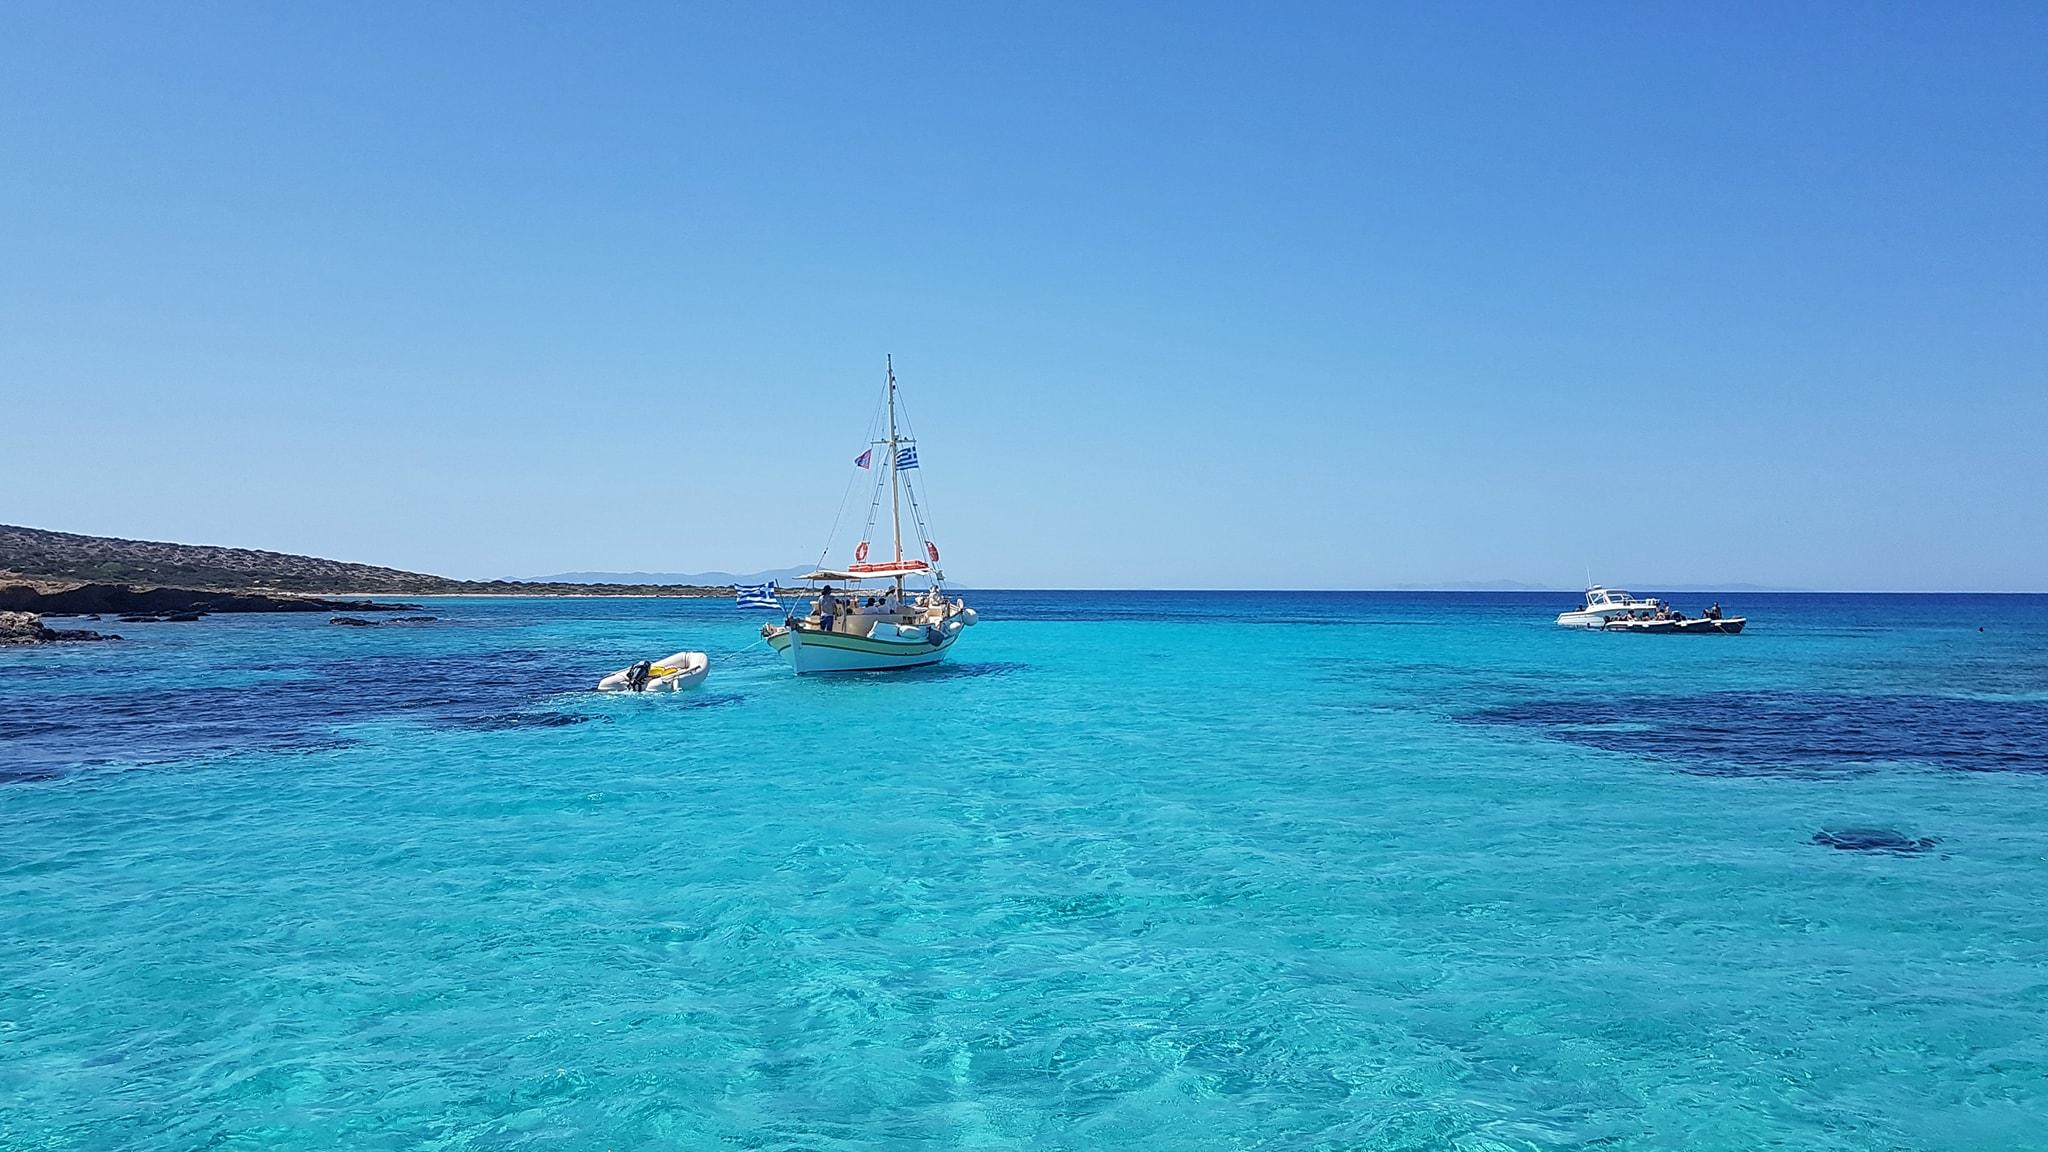 Crystal blue waters